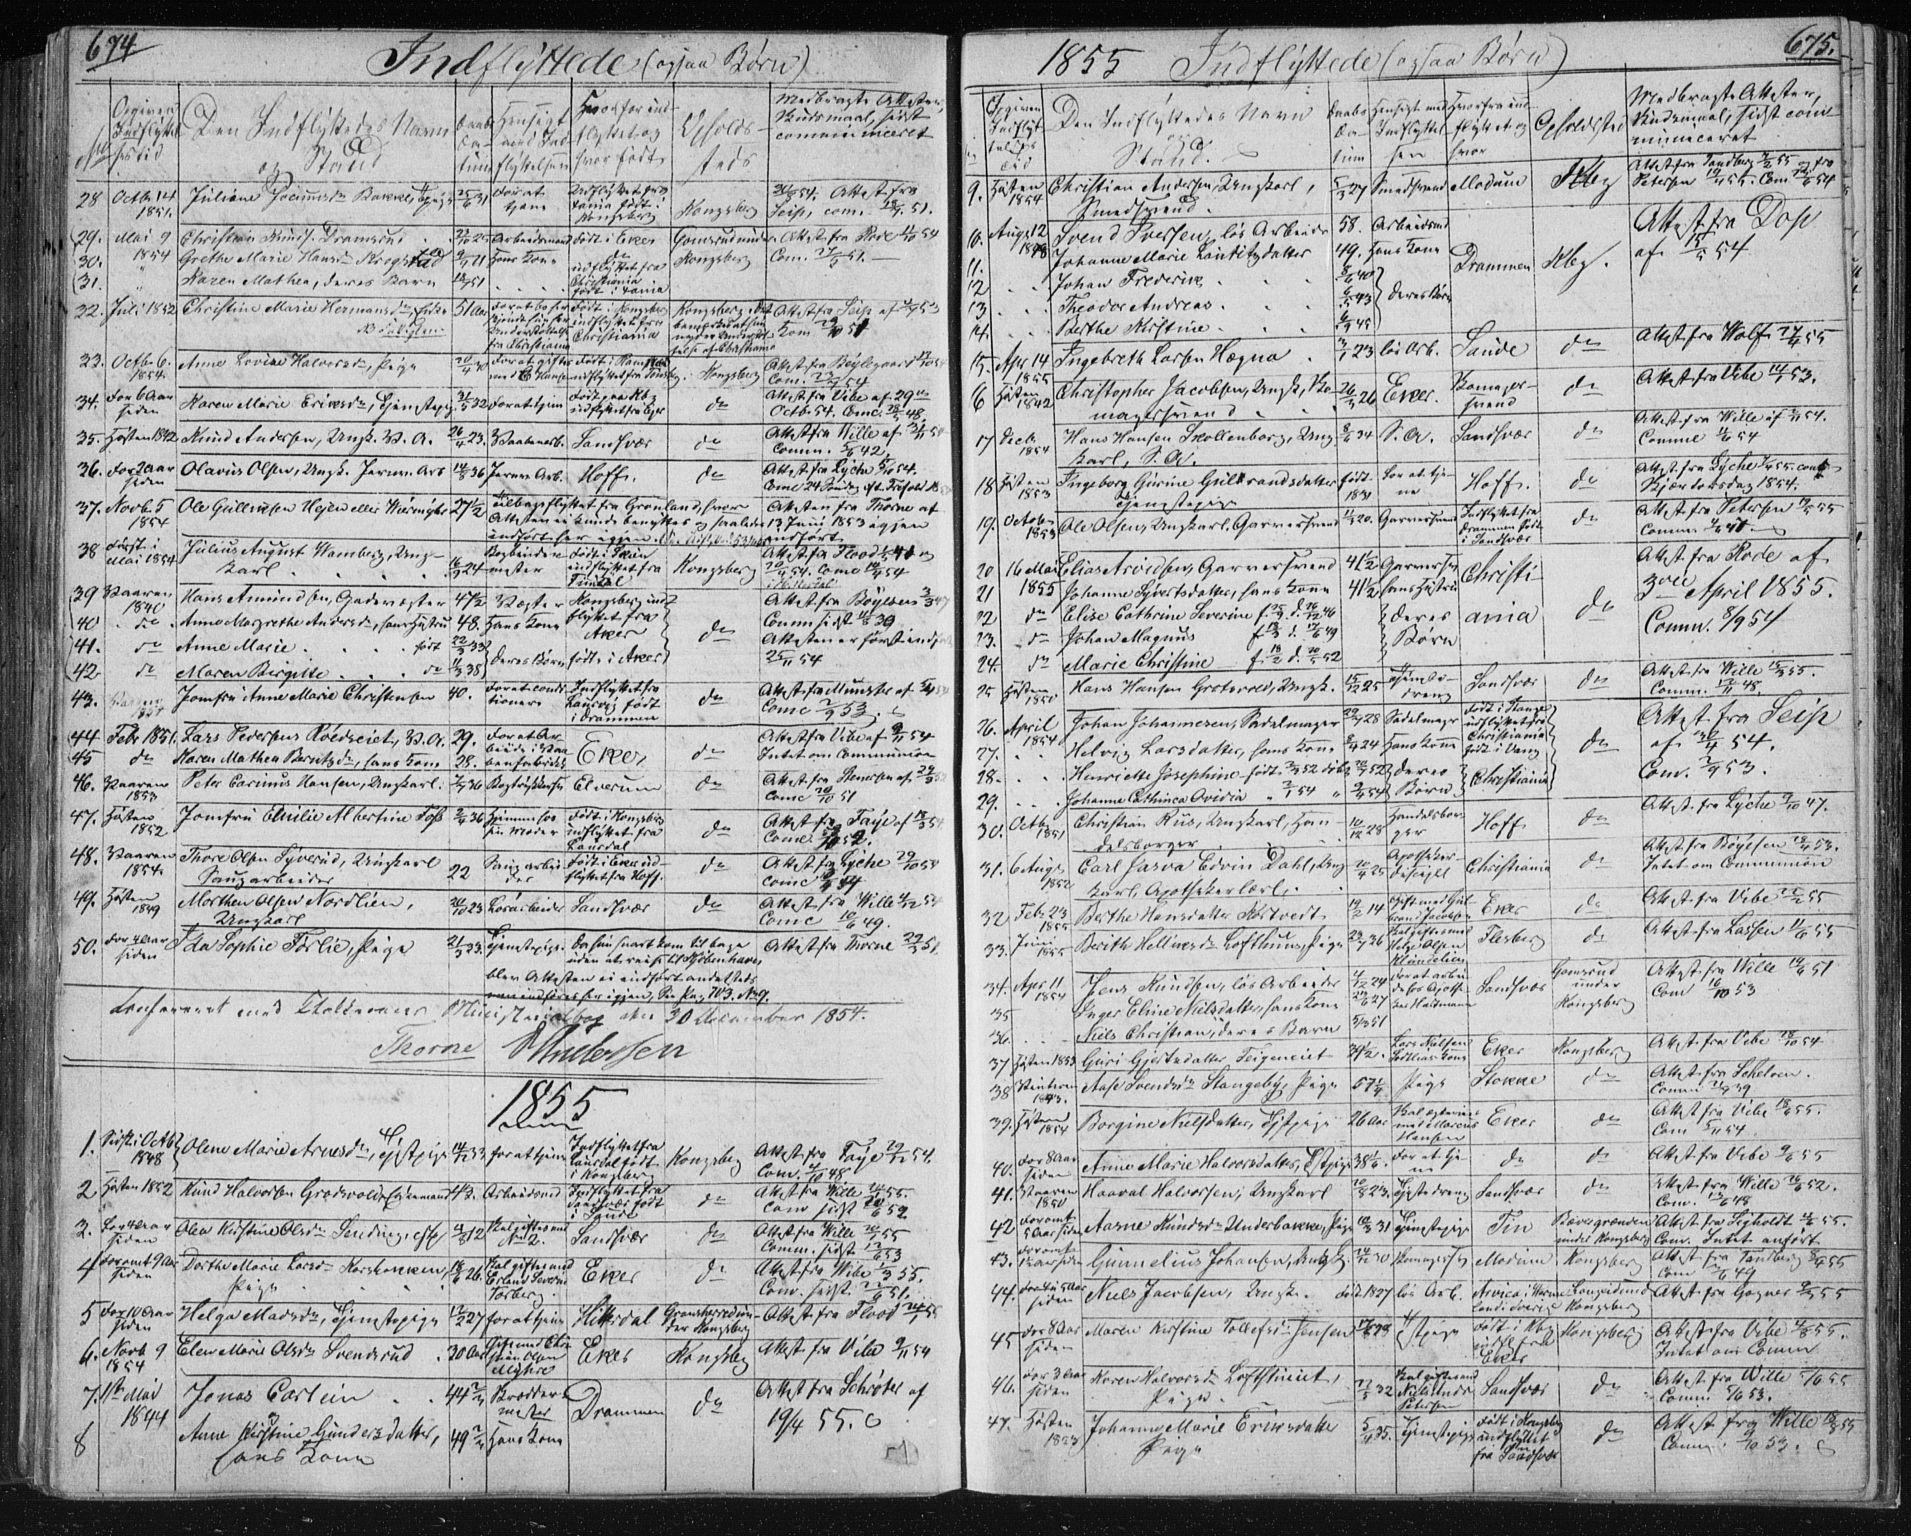 SAKO, Kongsberg kirkebøker, F/Fa/L0009: Ministerialbok nr. I 9, 1839-1858, s. 674-675